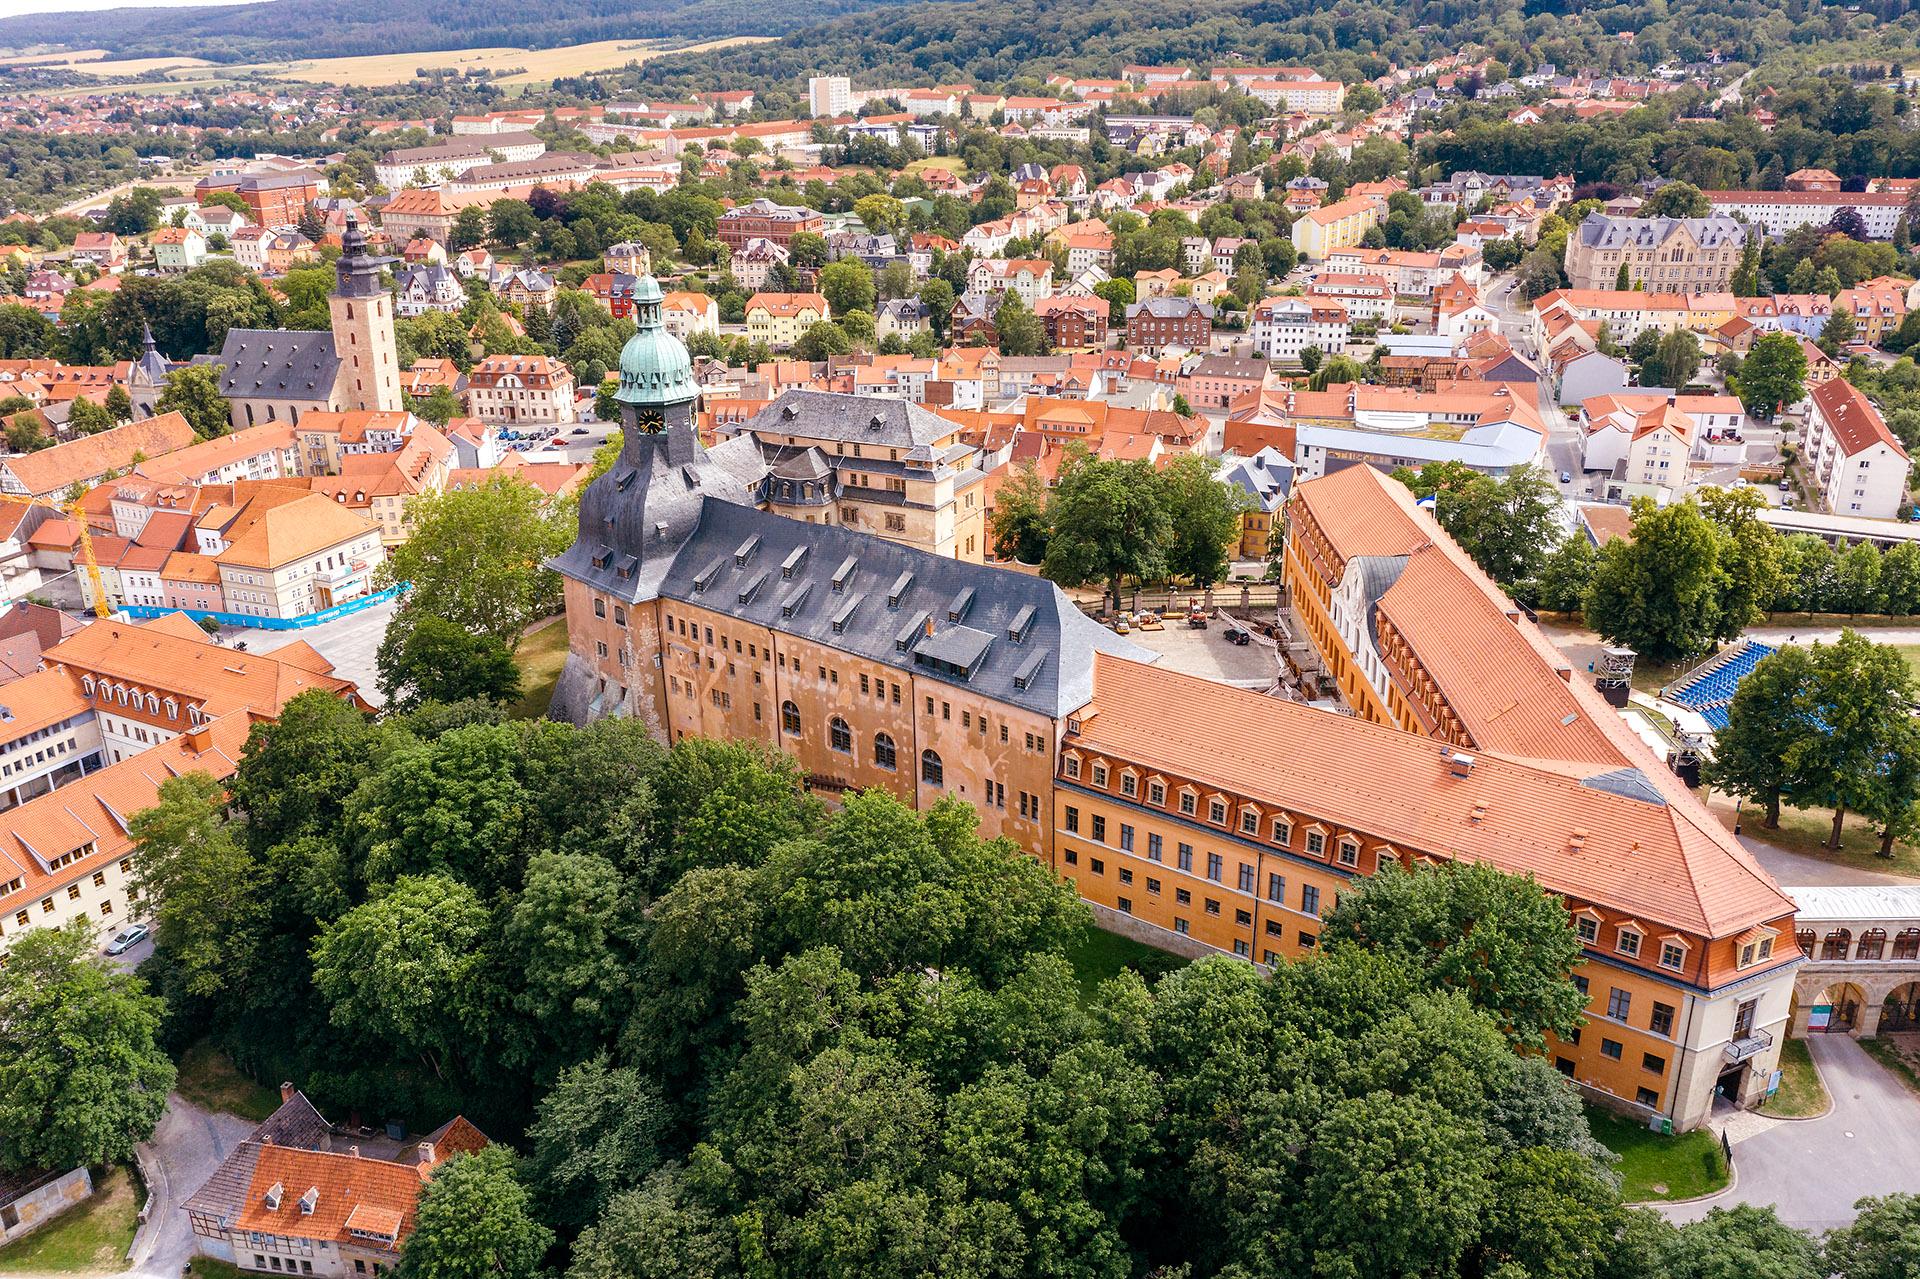 Schlossmuseum Sondershausen Ansicht